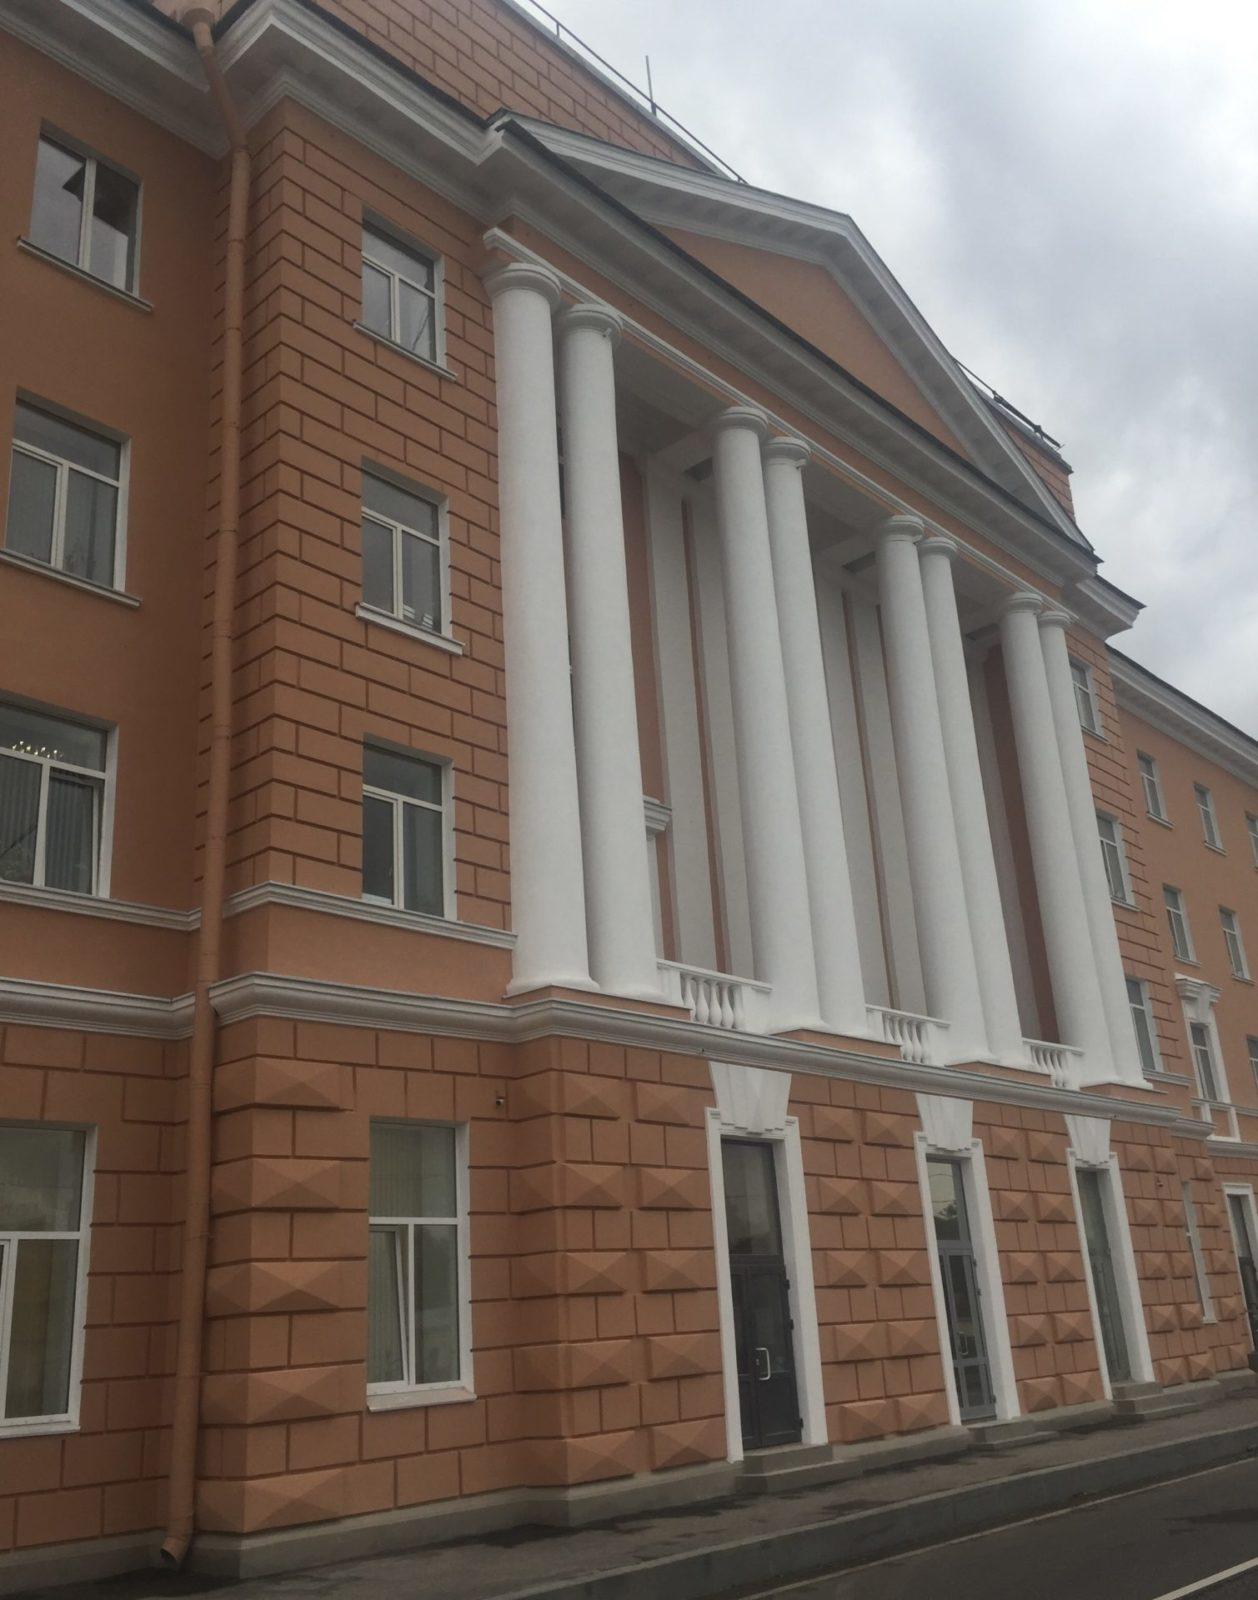 Проведен капитальный ремонт фасада в короткие сроки на ул. Набережная Обводного канала, д.14 в Питере